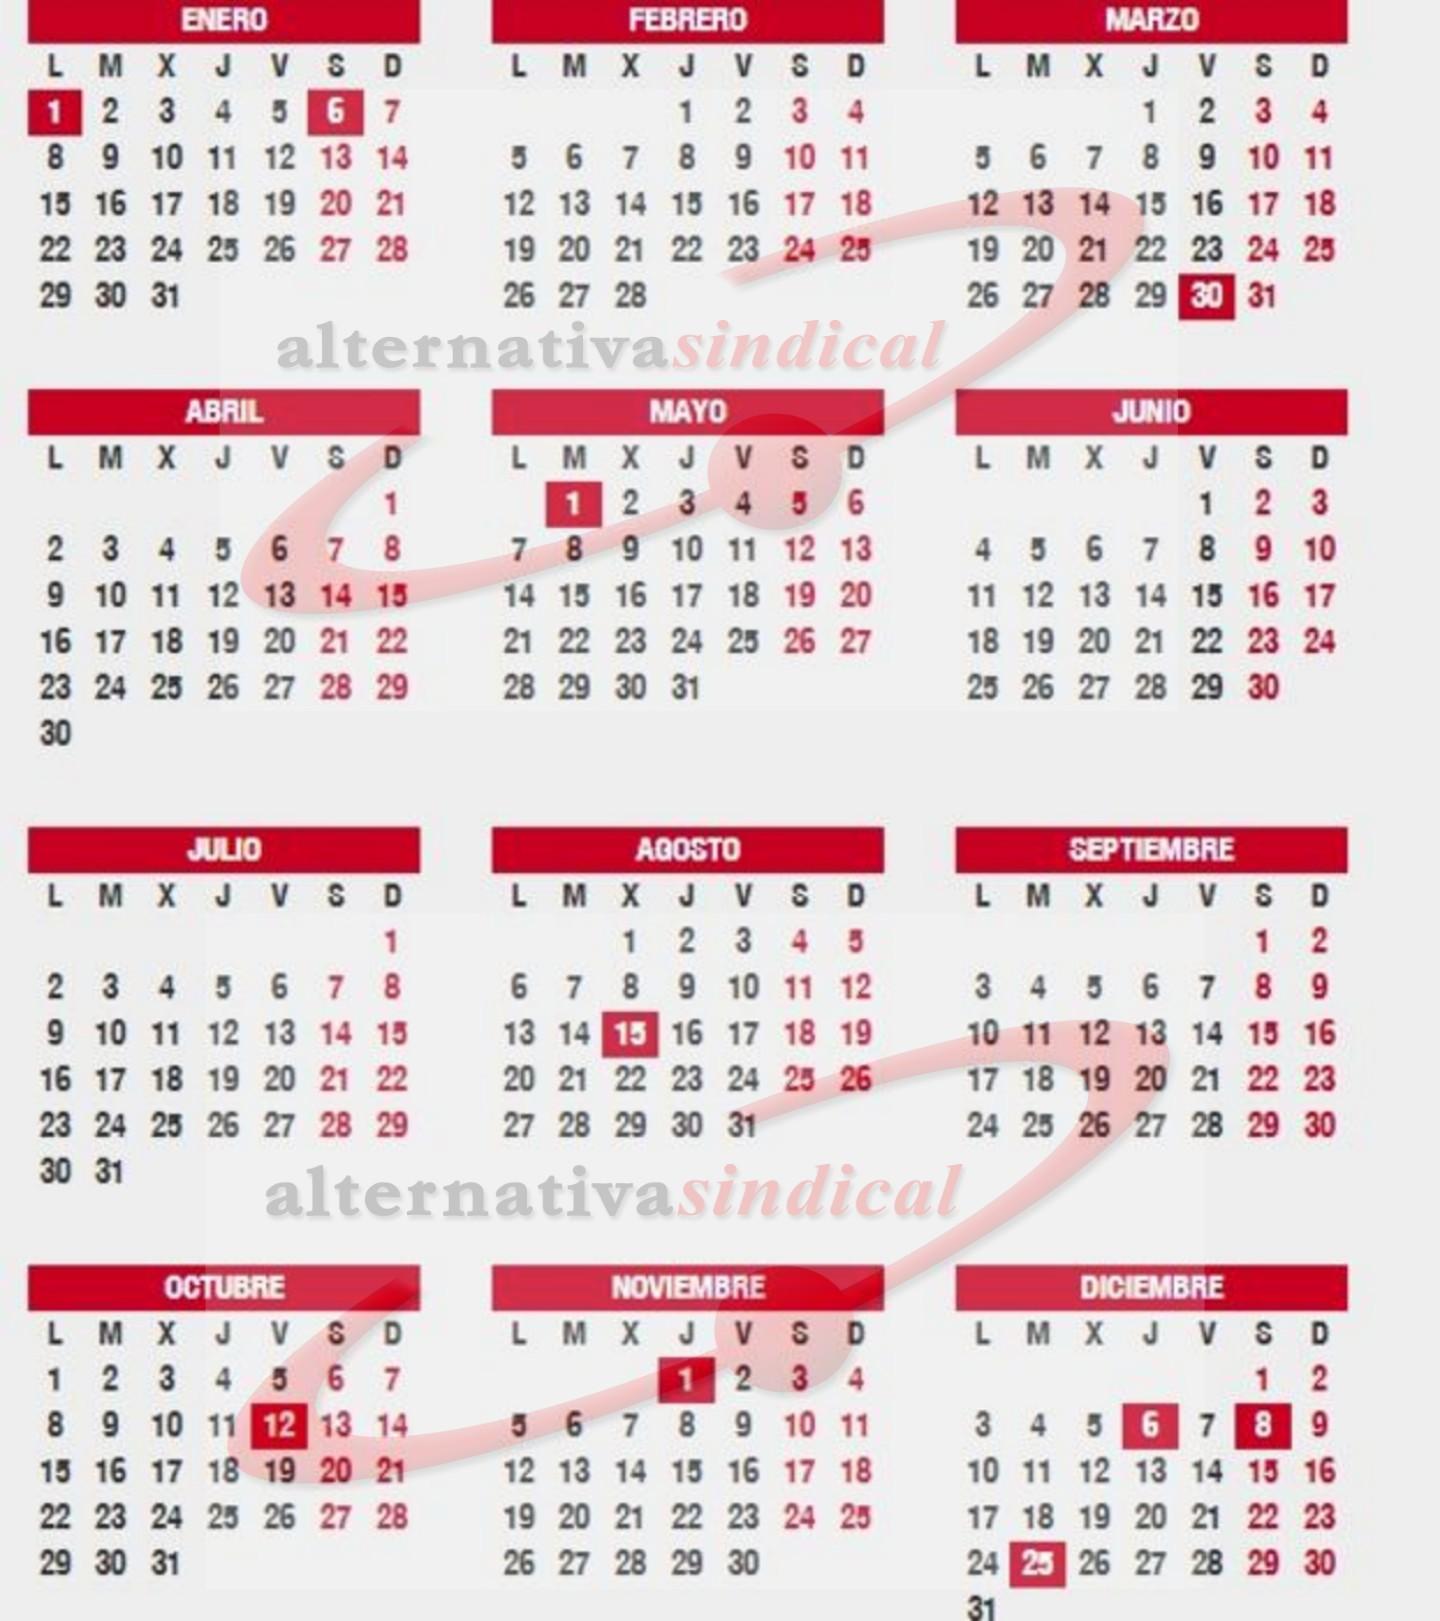 Calendario Laboral 2019 Andalucia.Calendario Laboral 2018 2019 Festivos Puentes Y Navidad